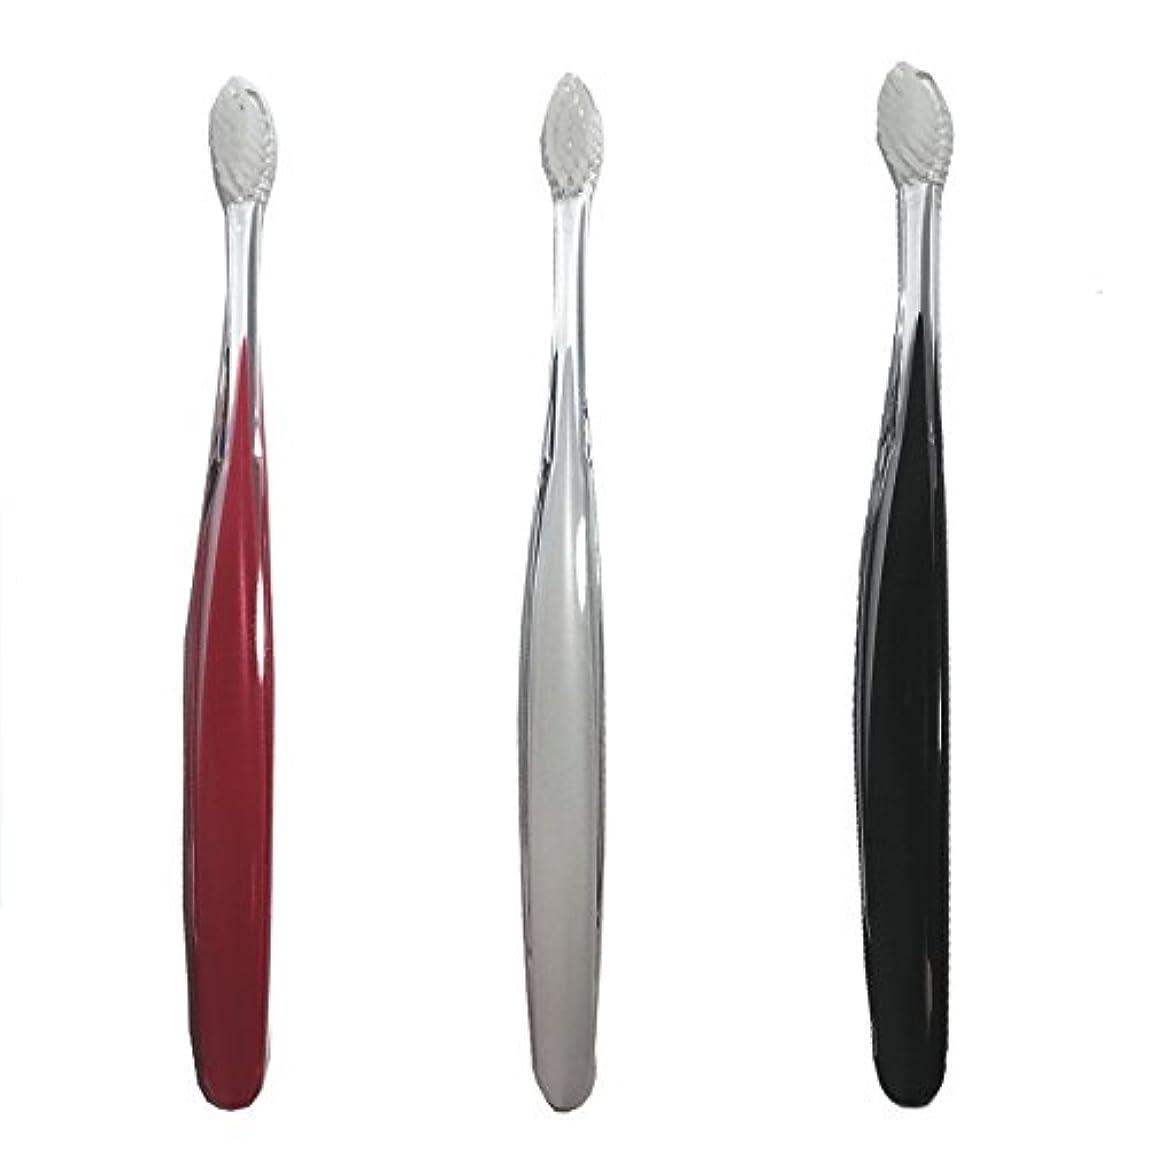 ズボン最終的に拘束するサムライ(SAMRAI)歯ブラシ ふつう 3色セット